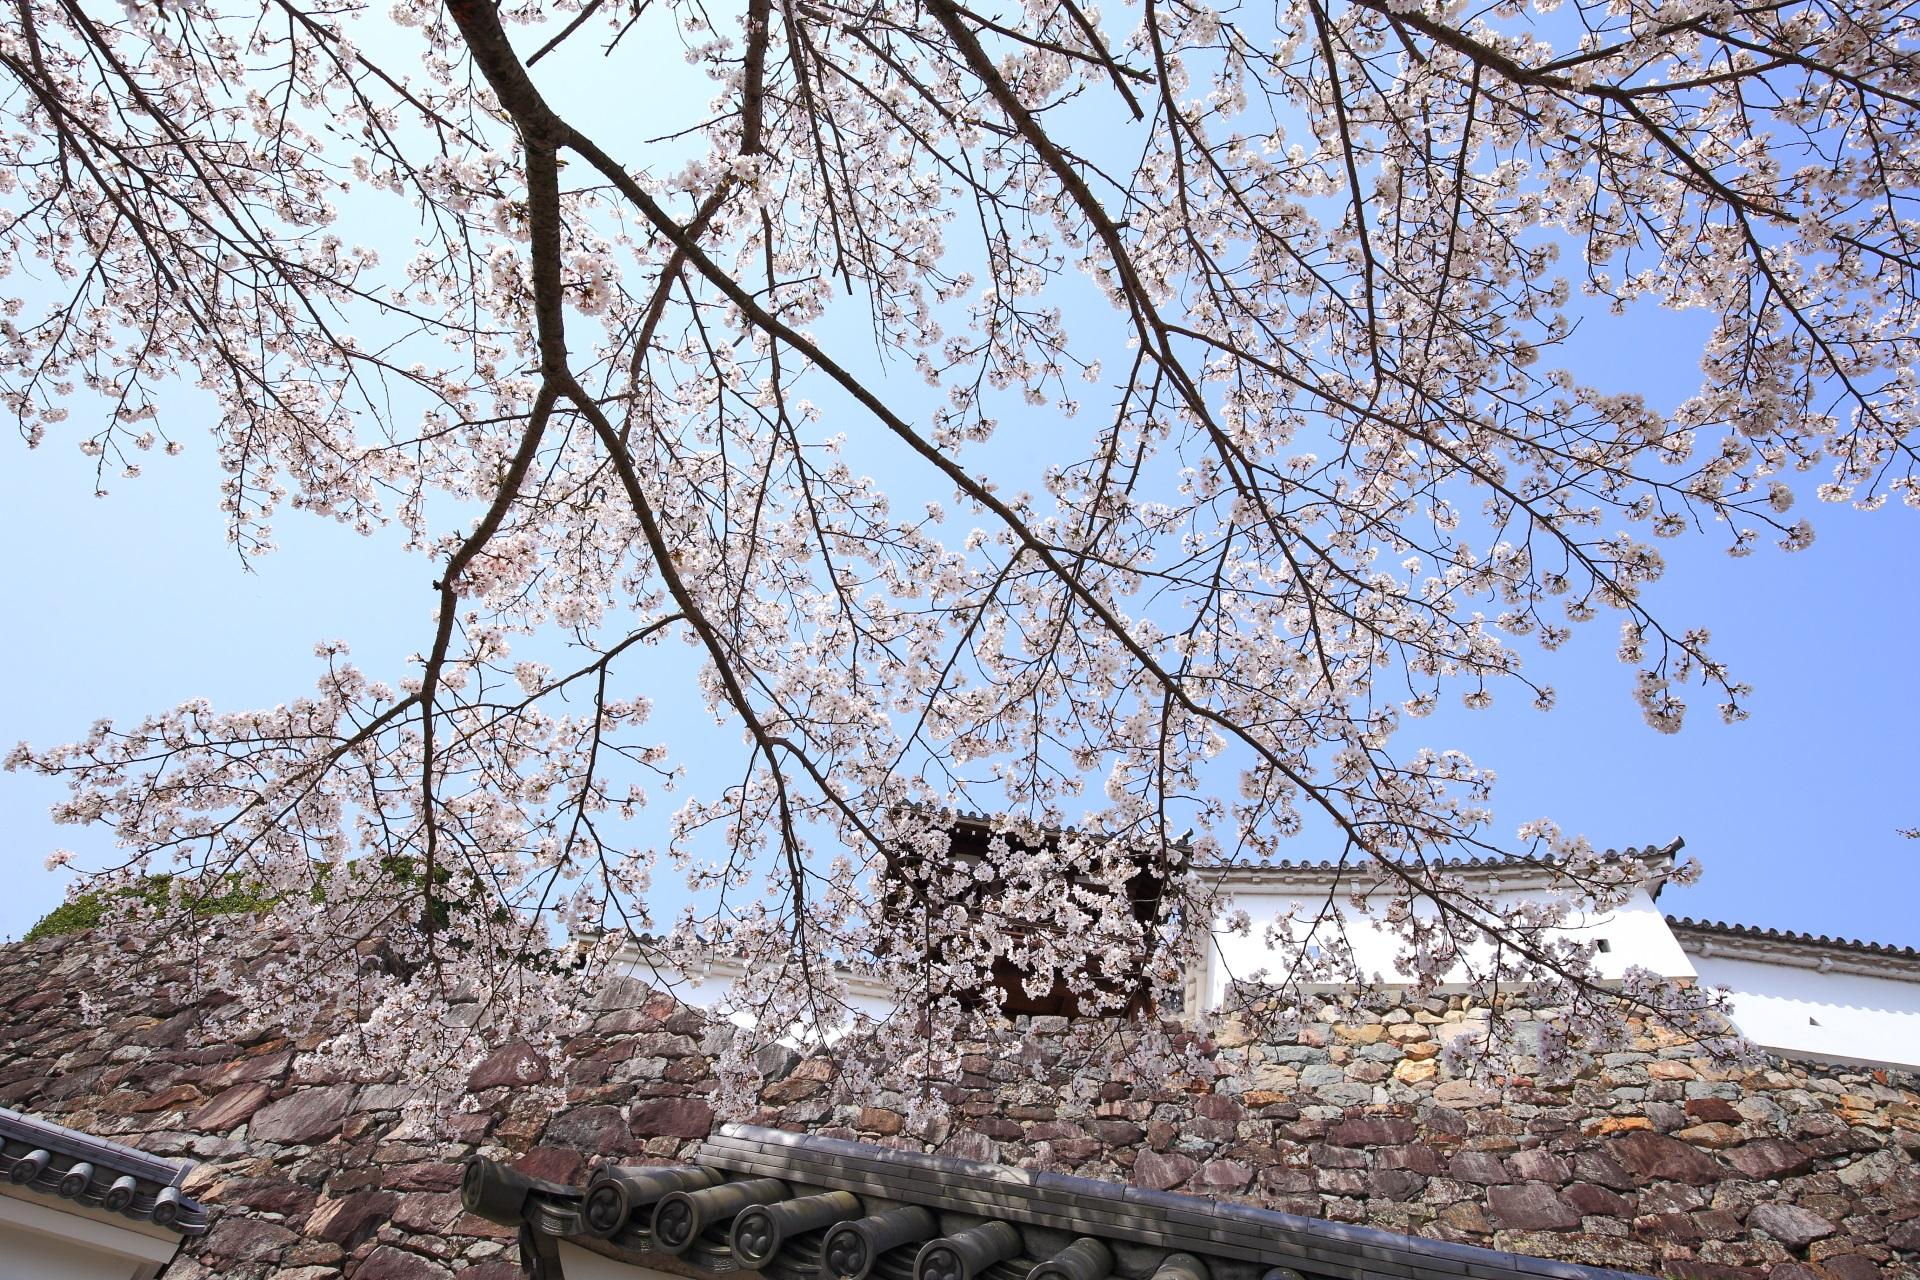 福知山城東側の釣鐘門や城壁を彩る桜